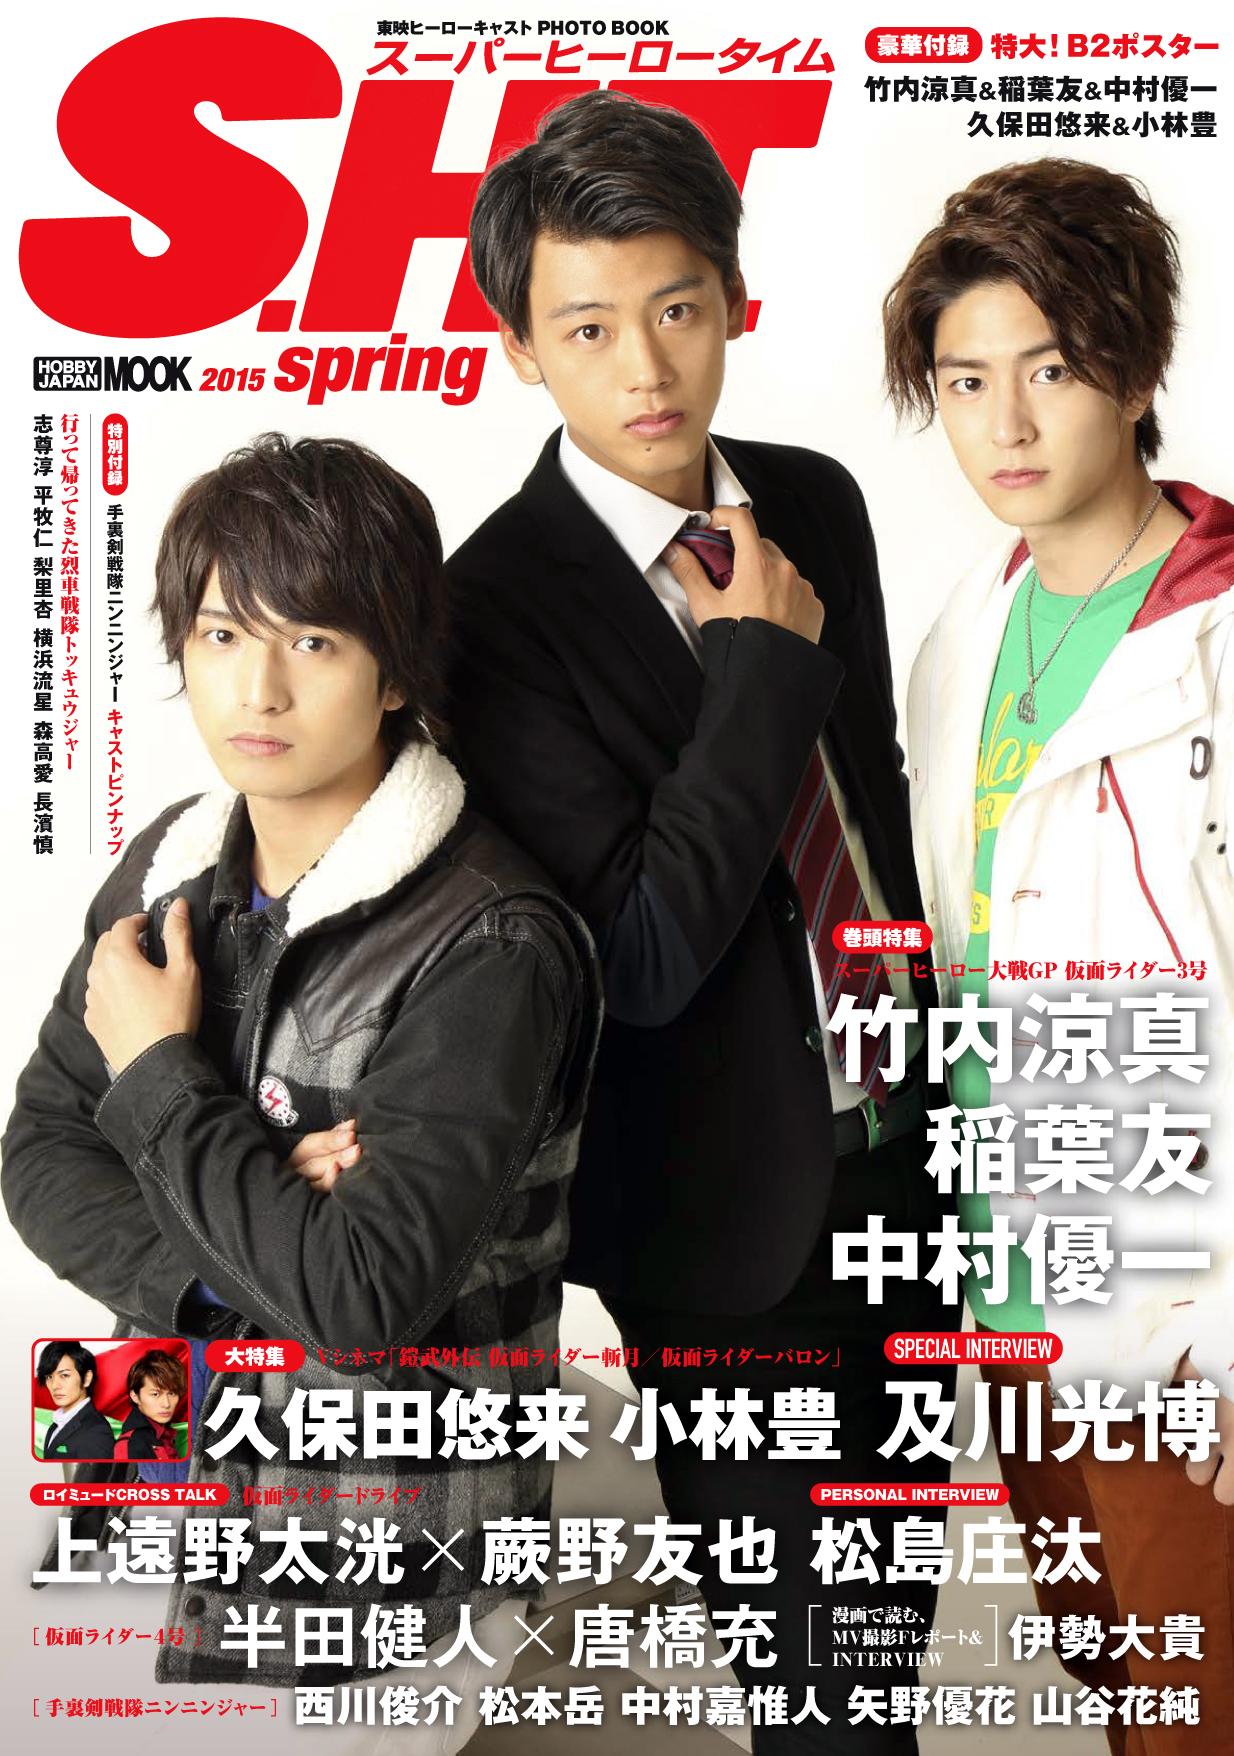 東映ヒーローキャスト PHOTOBOOK S.H.T. (スーパーヒーロータイム) 2015 spring 3月14日(土)発売